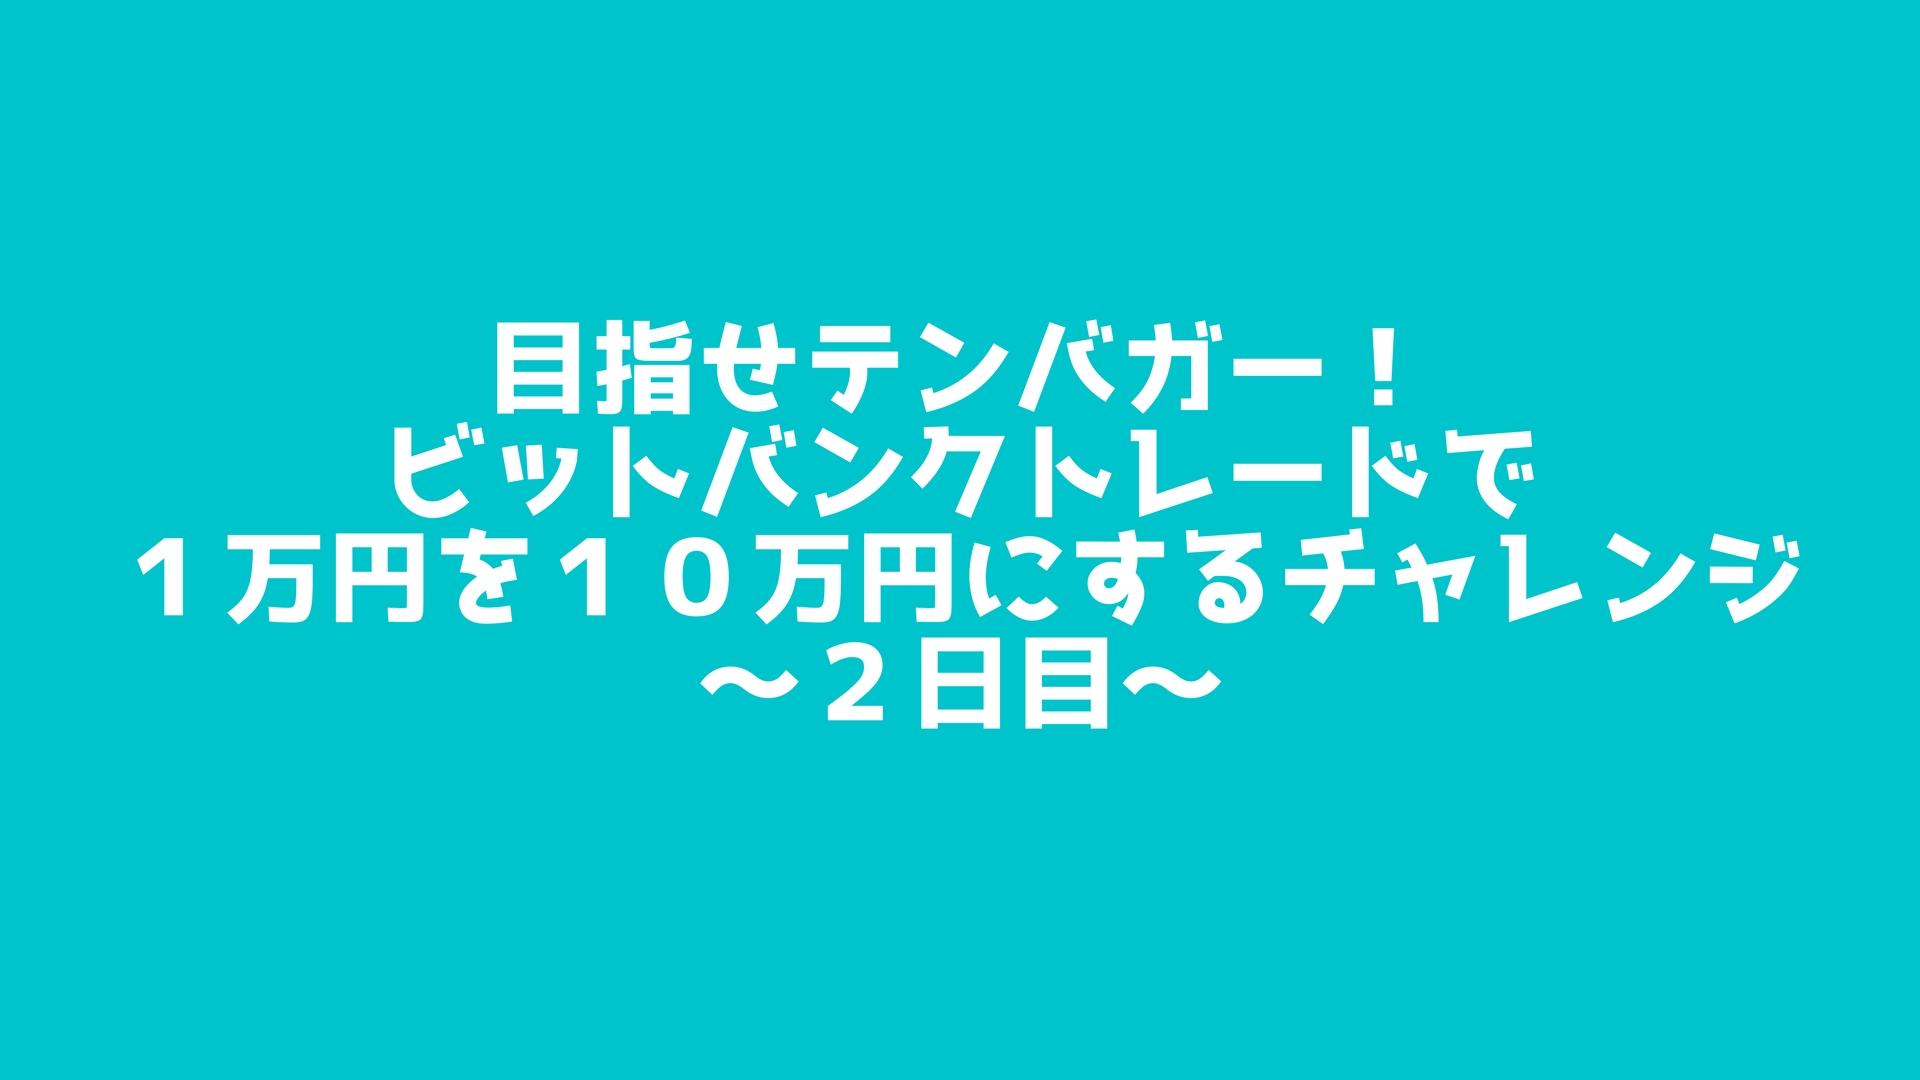 ビットバンクトレードチャレンジ企画2日目タイトル